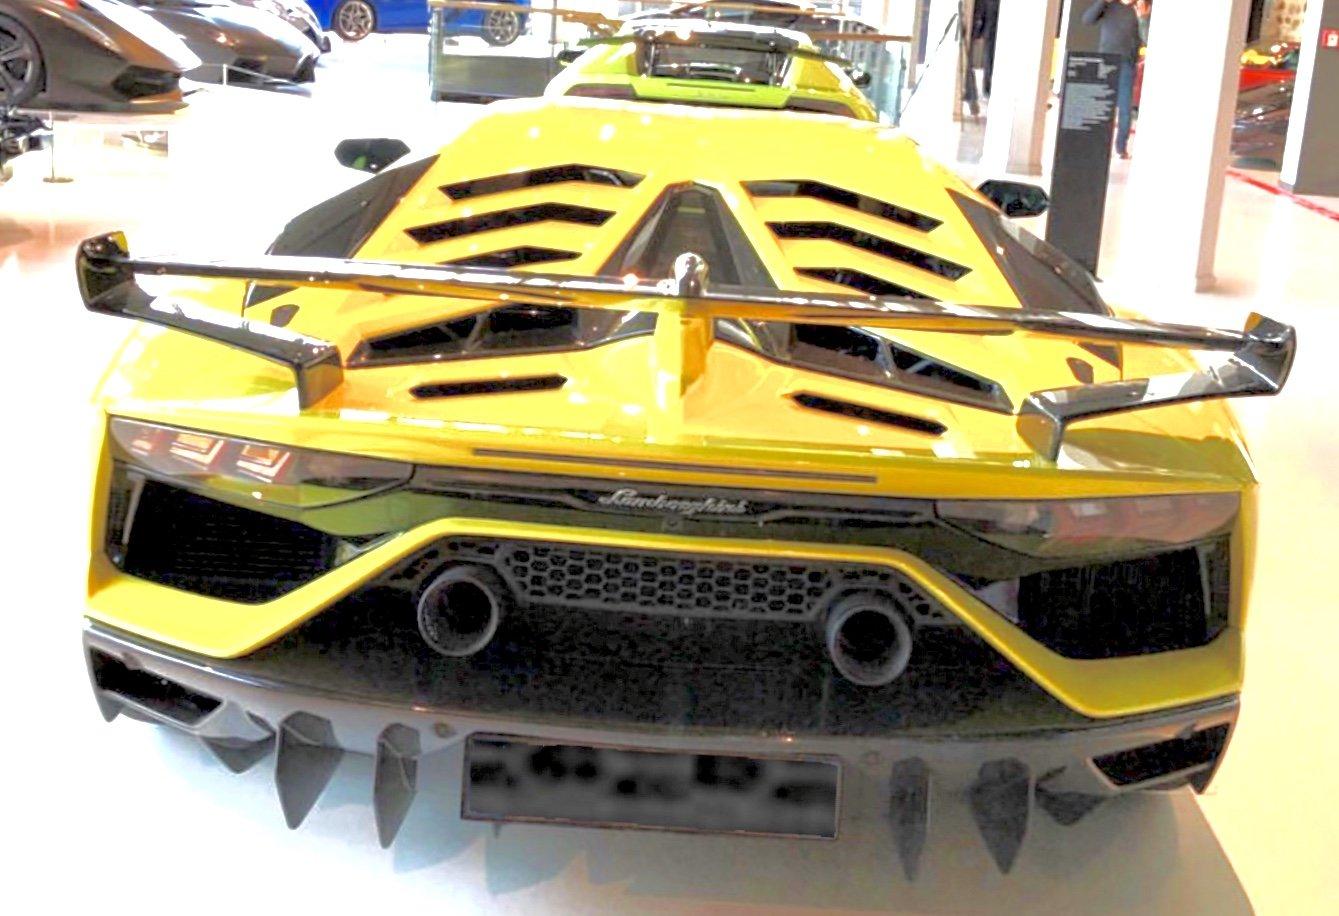 2020 Lamborghini Aventador SVJ Brand New  For Sale (picture 2 of 6)